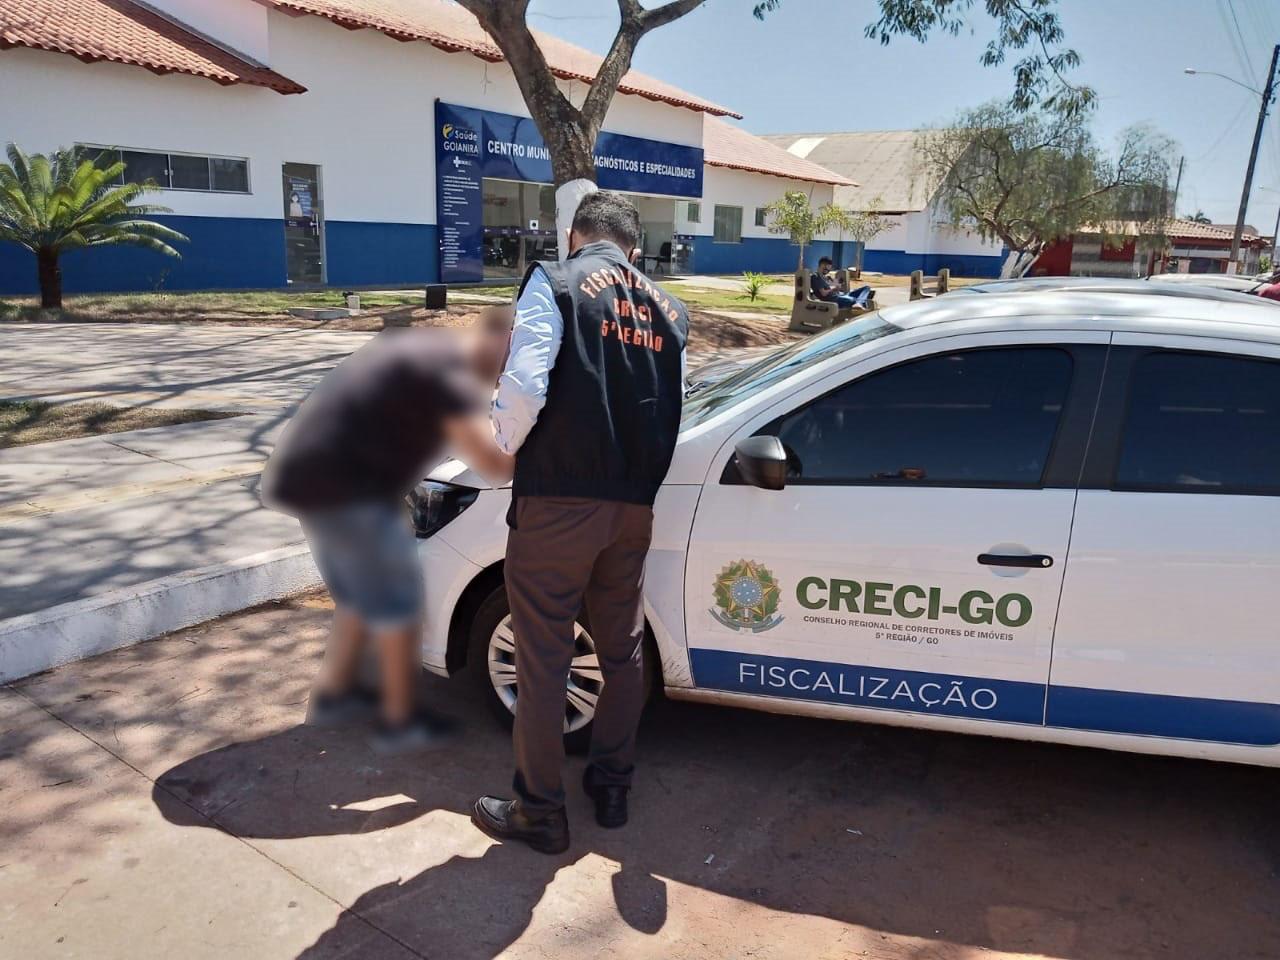 Suspeito de estelionato é autuado em Goianira | CRECI-GO/ Conselho Regional de Corretores de Imóveis de Goiás